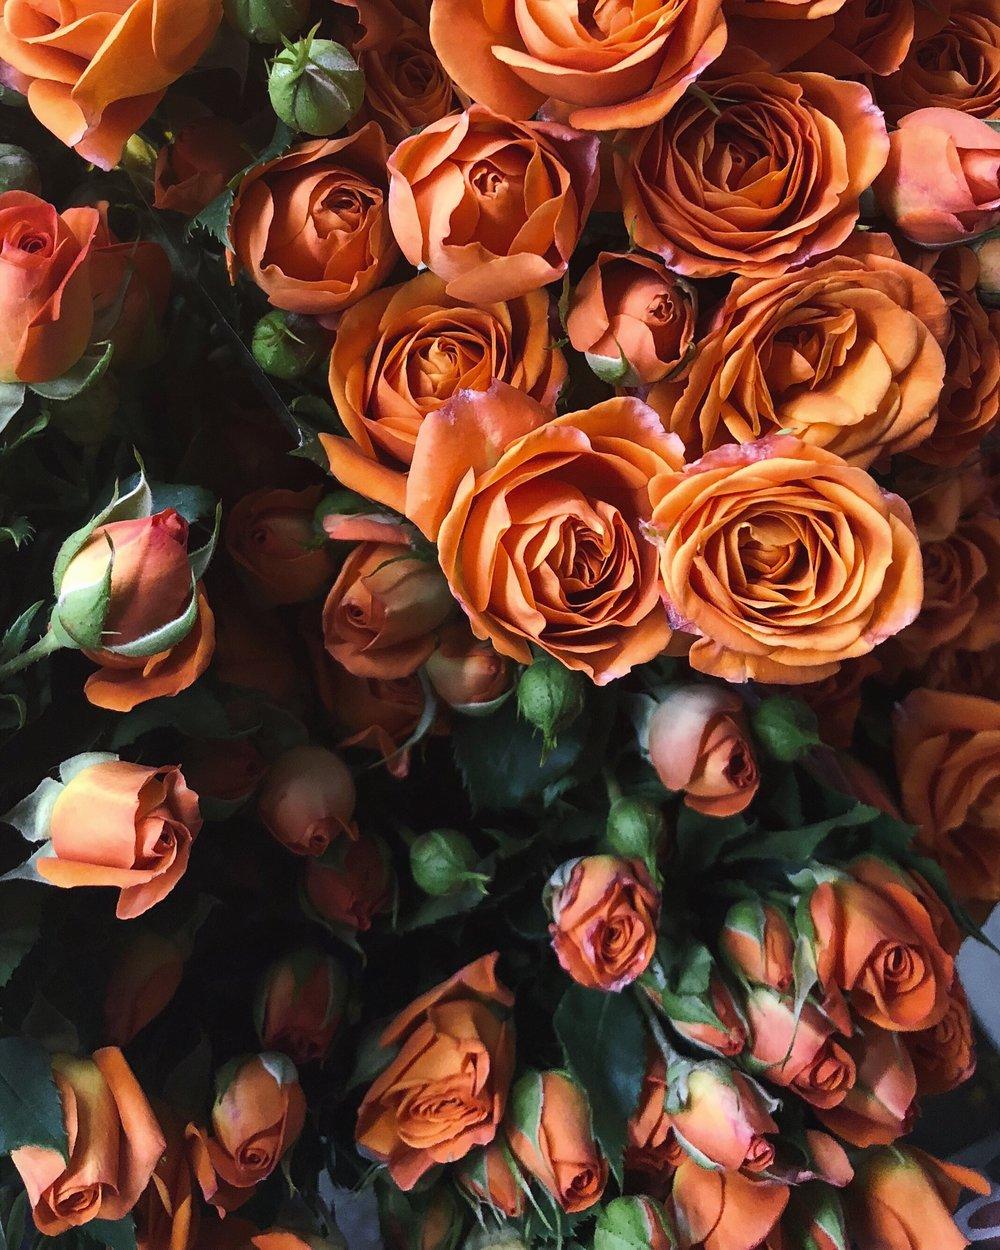 Roses: DTLA Flower District $13.99